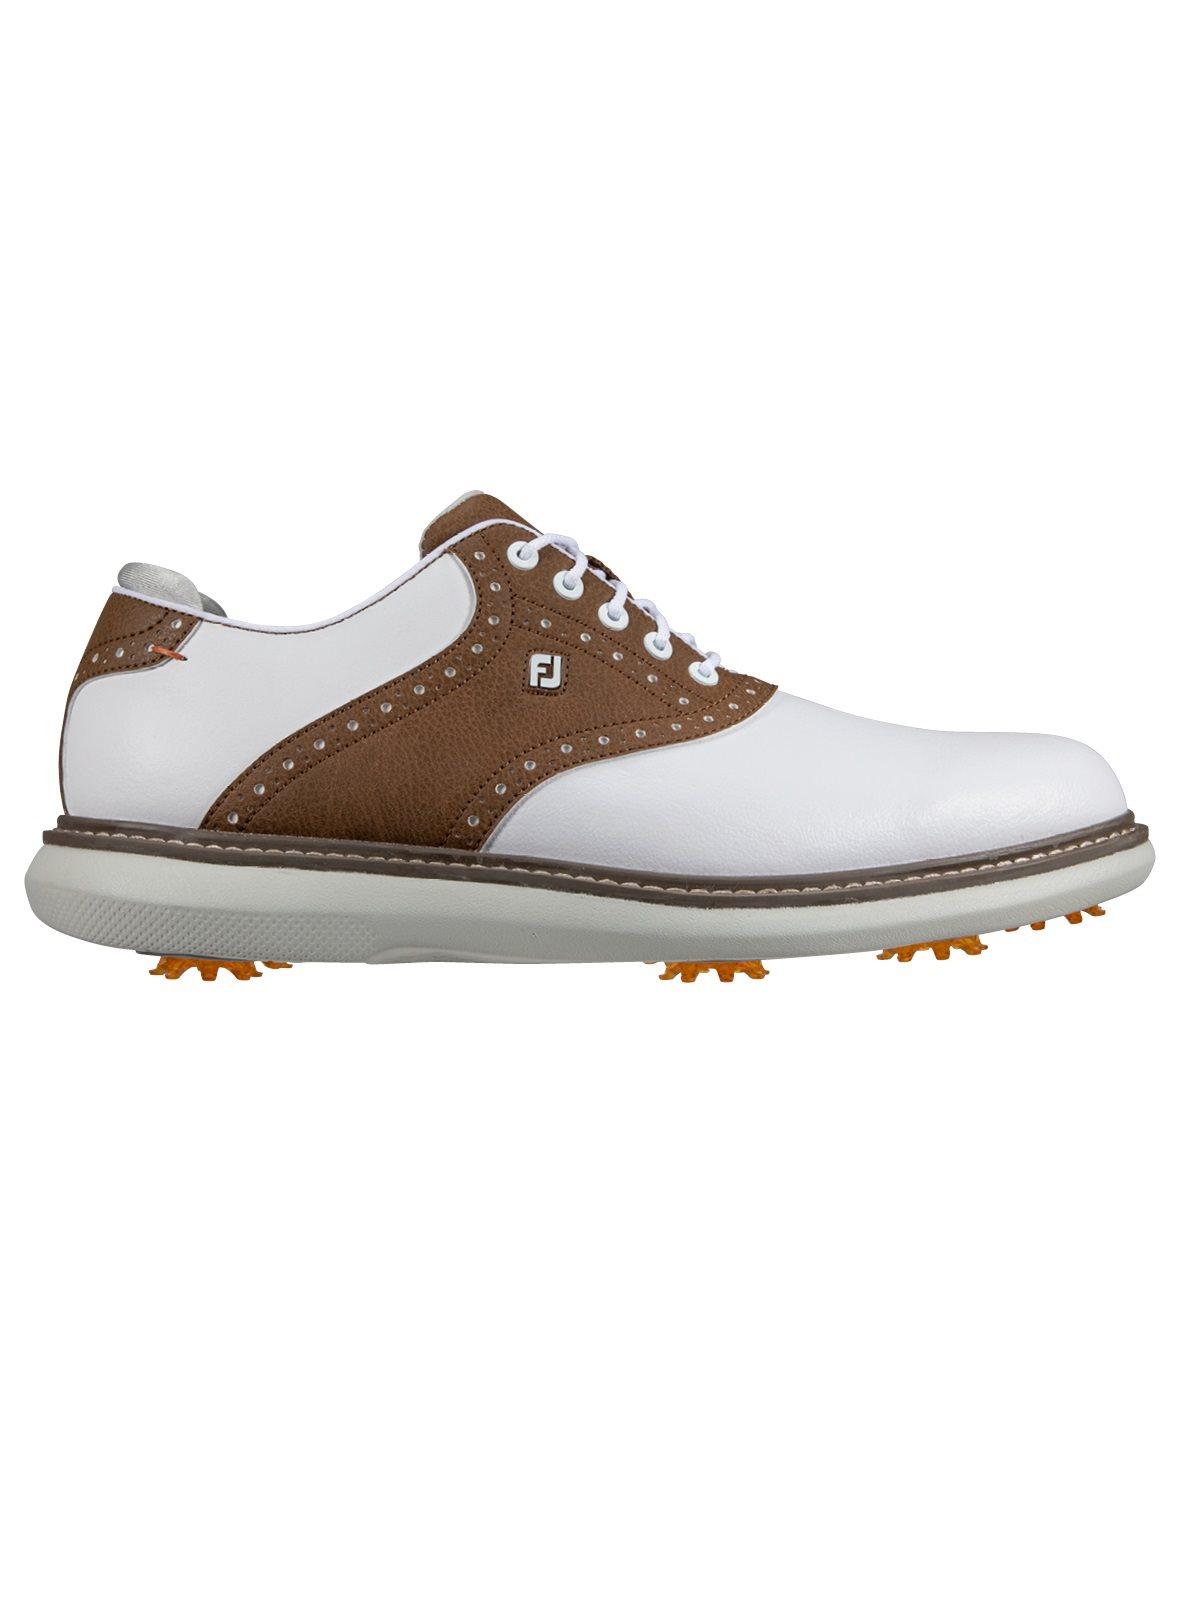 FootJoy heren golfschoenen Traditions wit-bruin